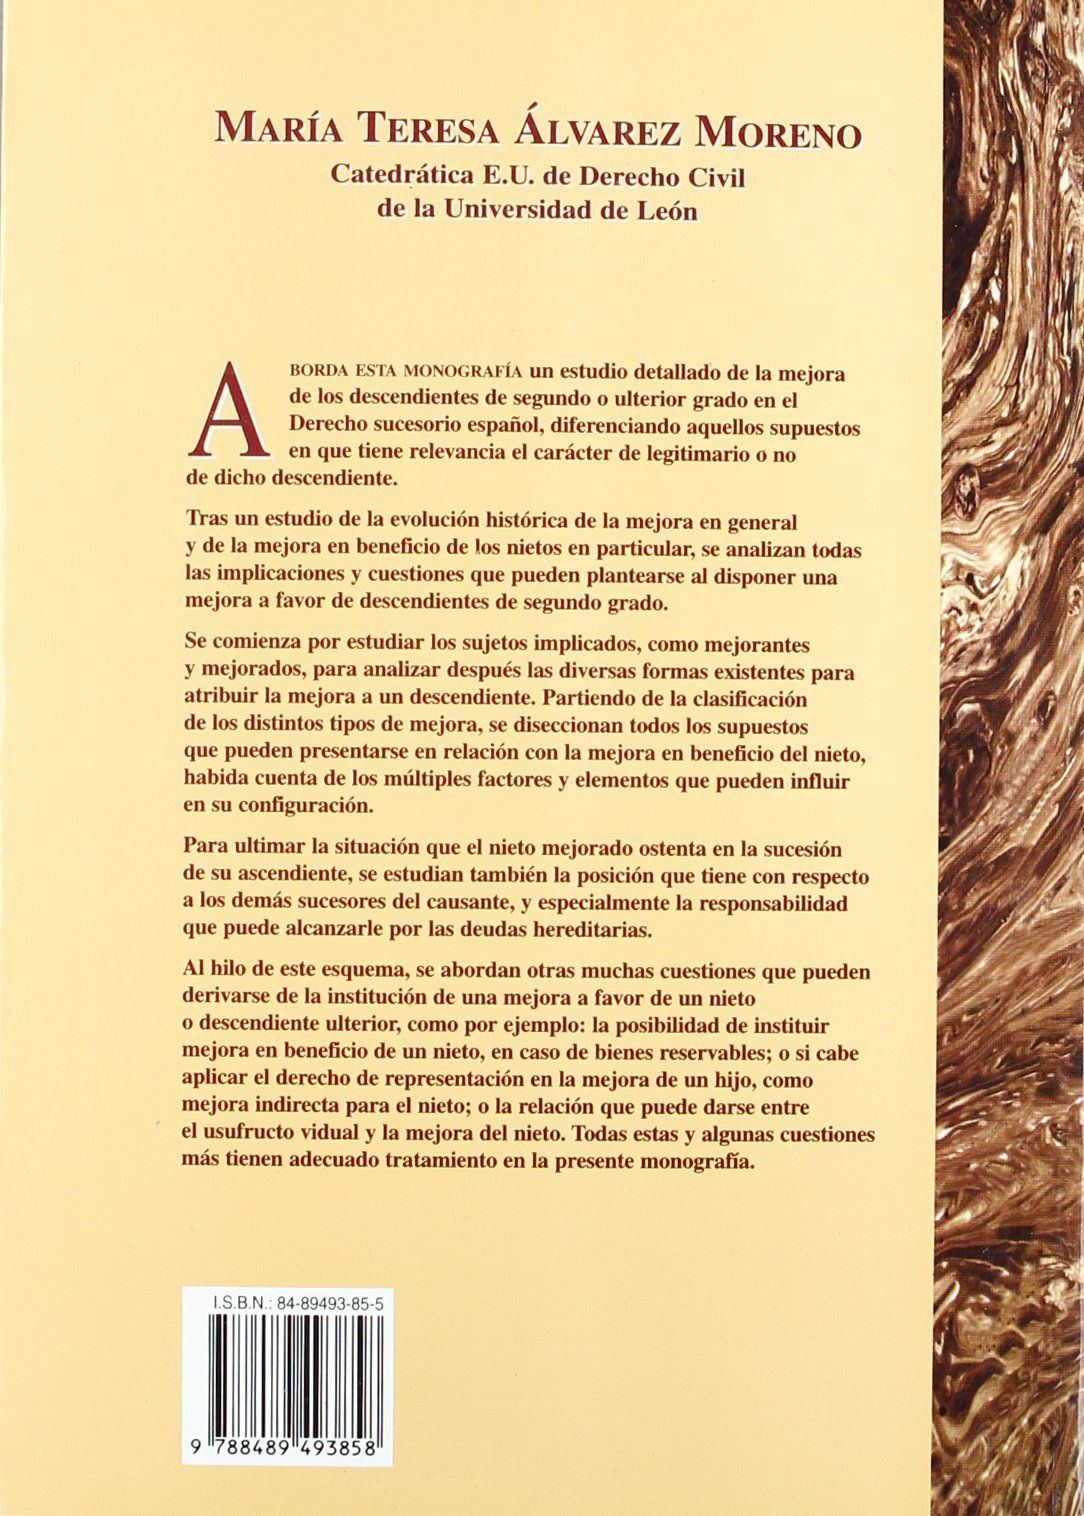 La mejora en favor de los nietos: MARIA TERESA ALVAREZ MORENO: 9788489493858: Amazon.com: Books